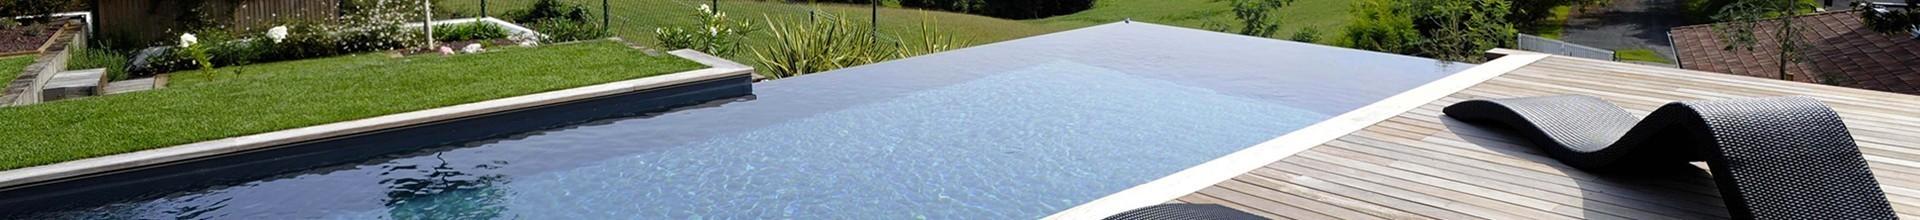 Bourgogne Haute-Saône Investir dans une piscine révolutionnaire